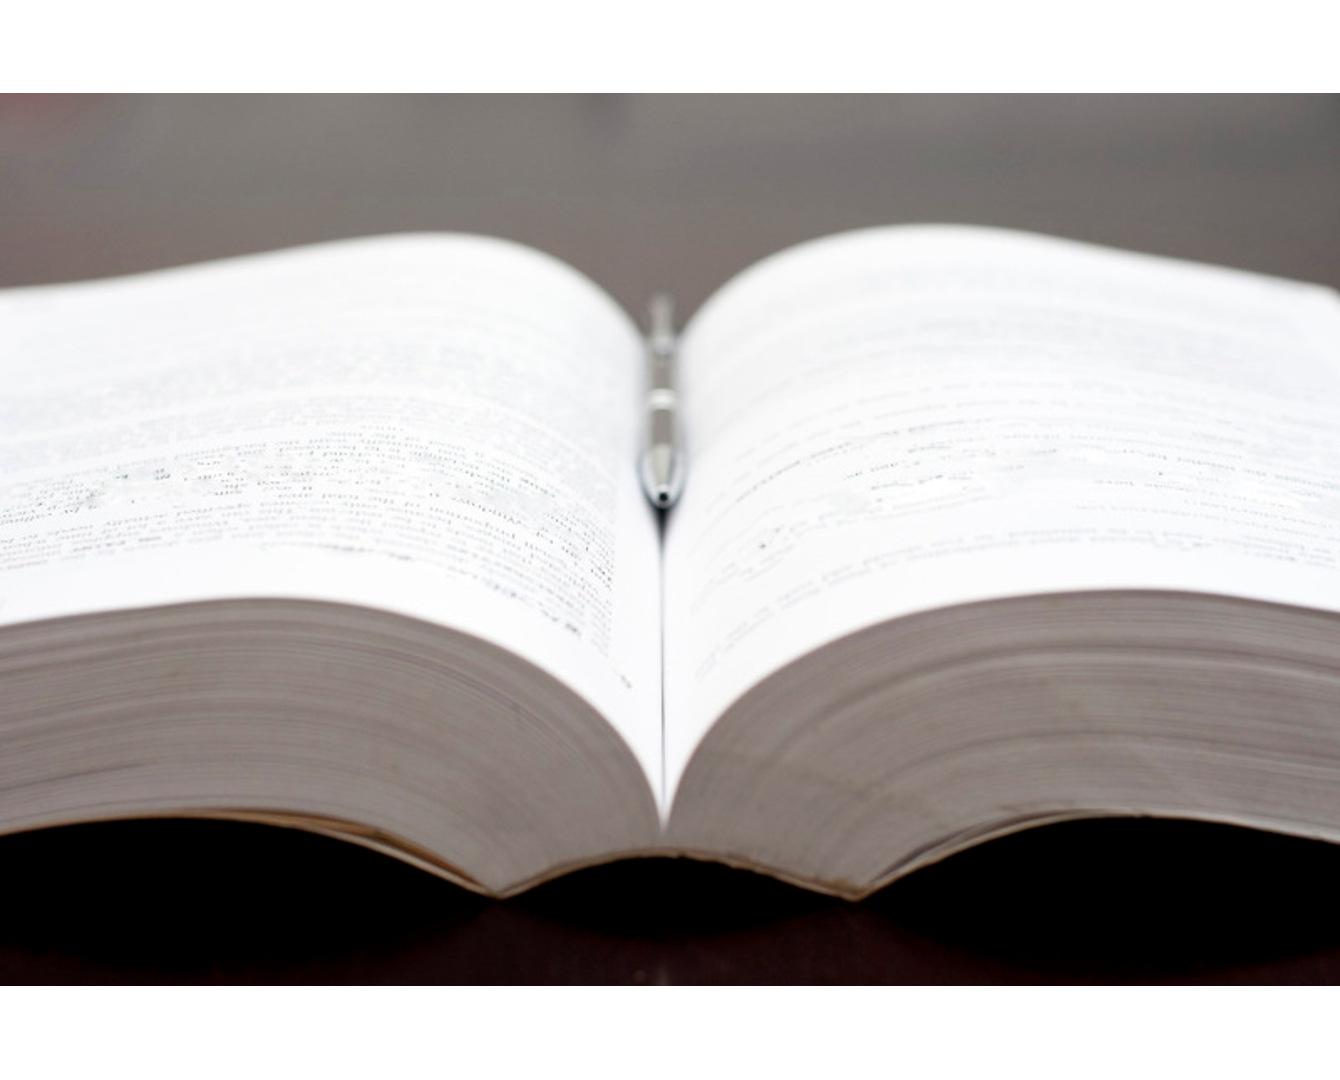 50 томов терминологических словарей на казахском языке готовят в РК